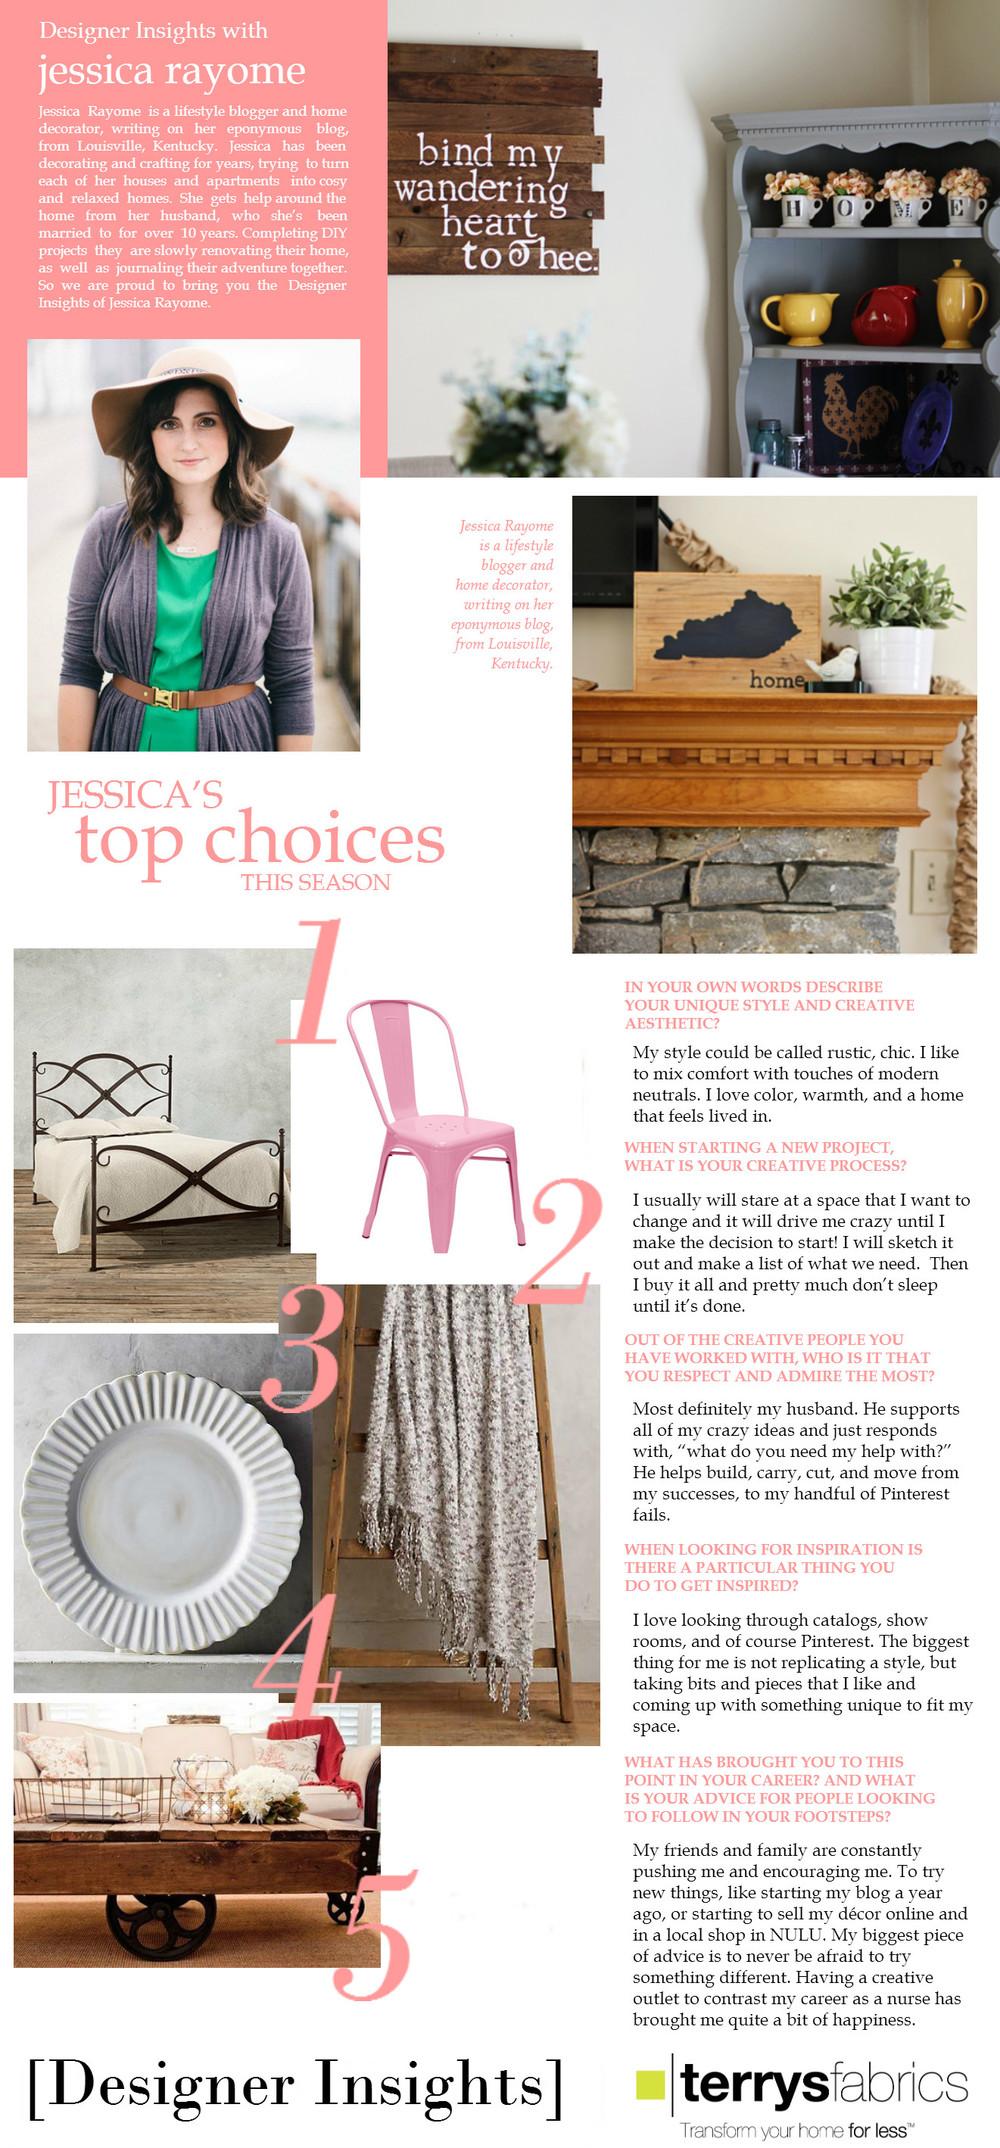 Designer-Insights-JessicaRayome.jpg